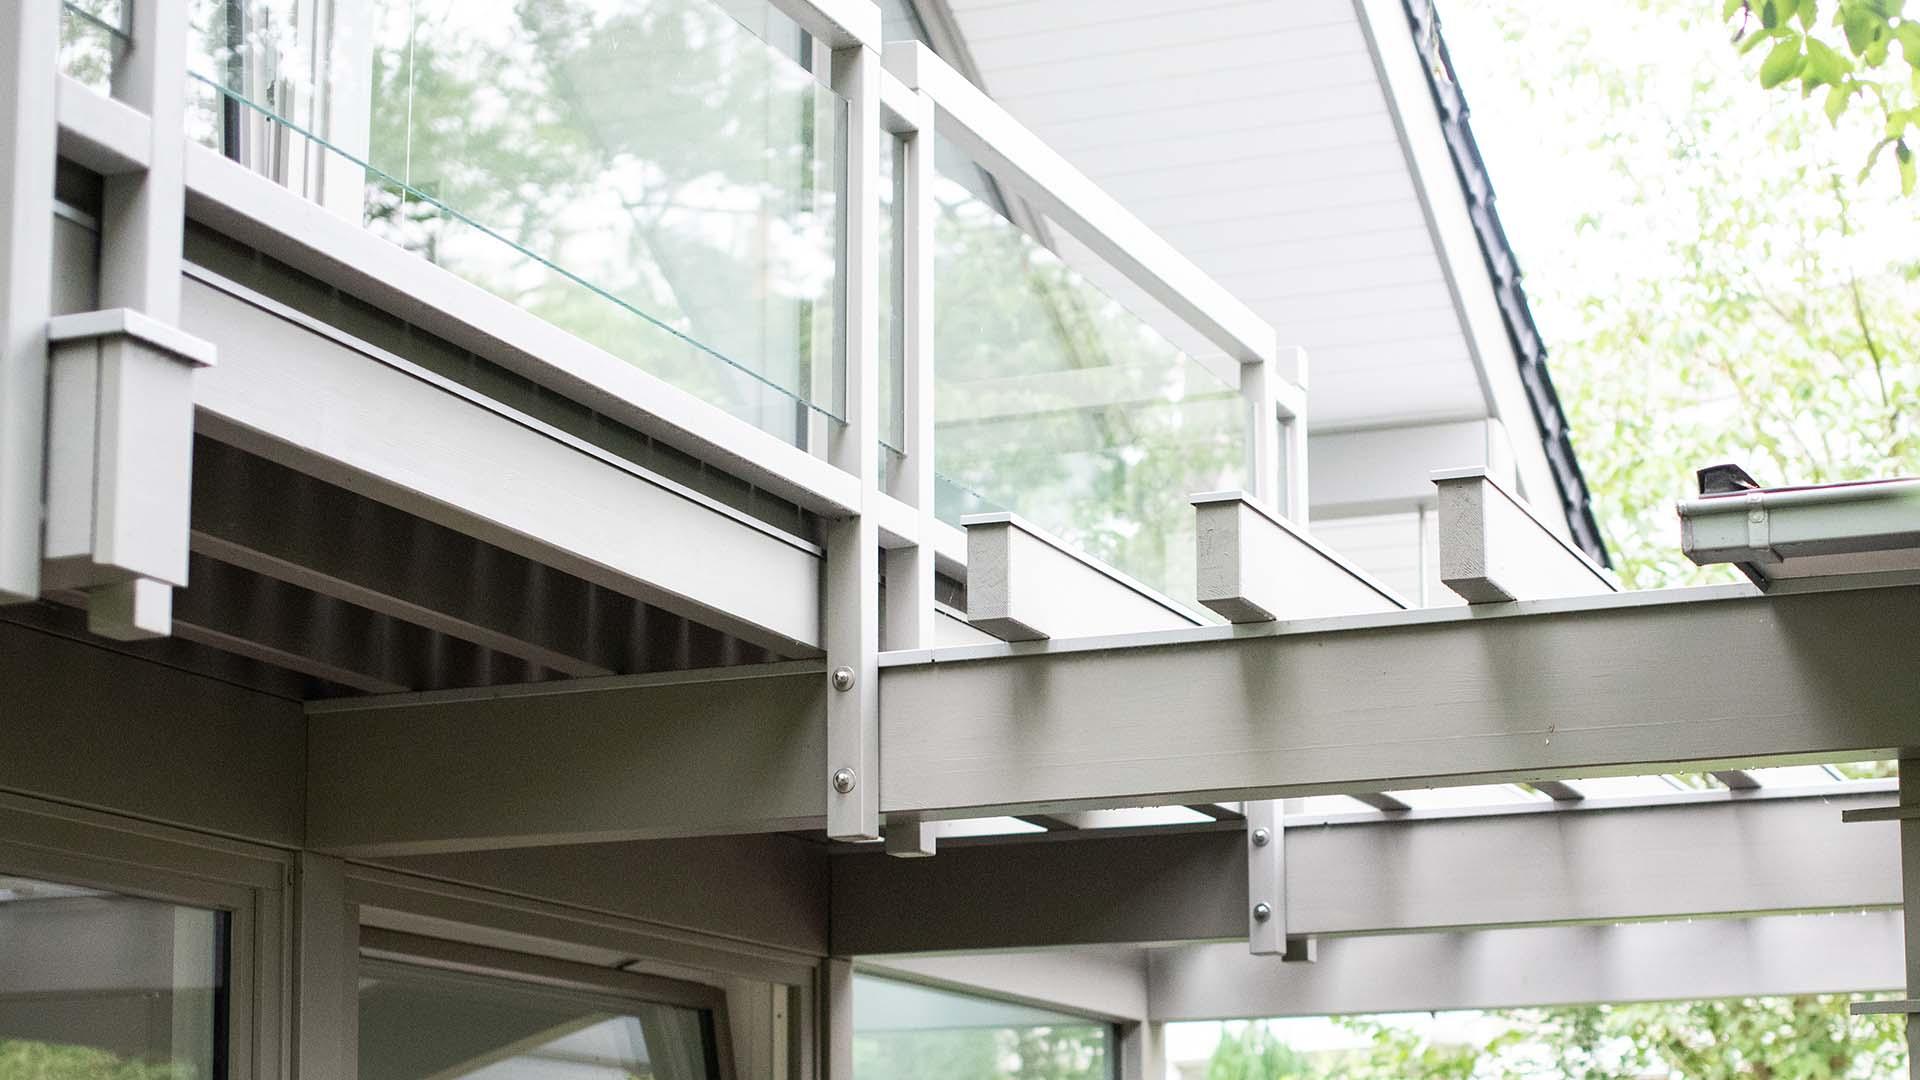 Detmolder Fachwerkhaus – Balkon und Terasse 02